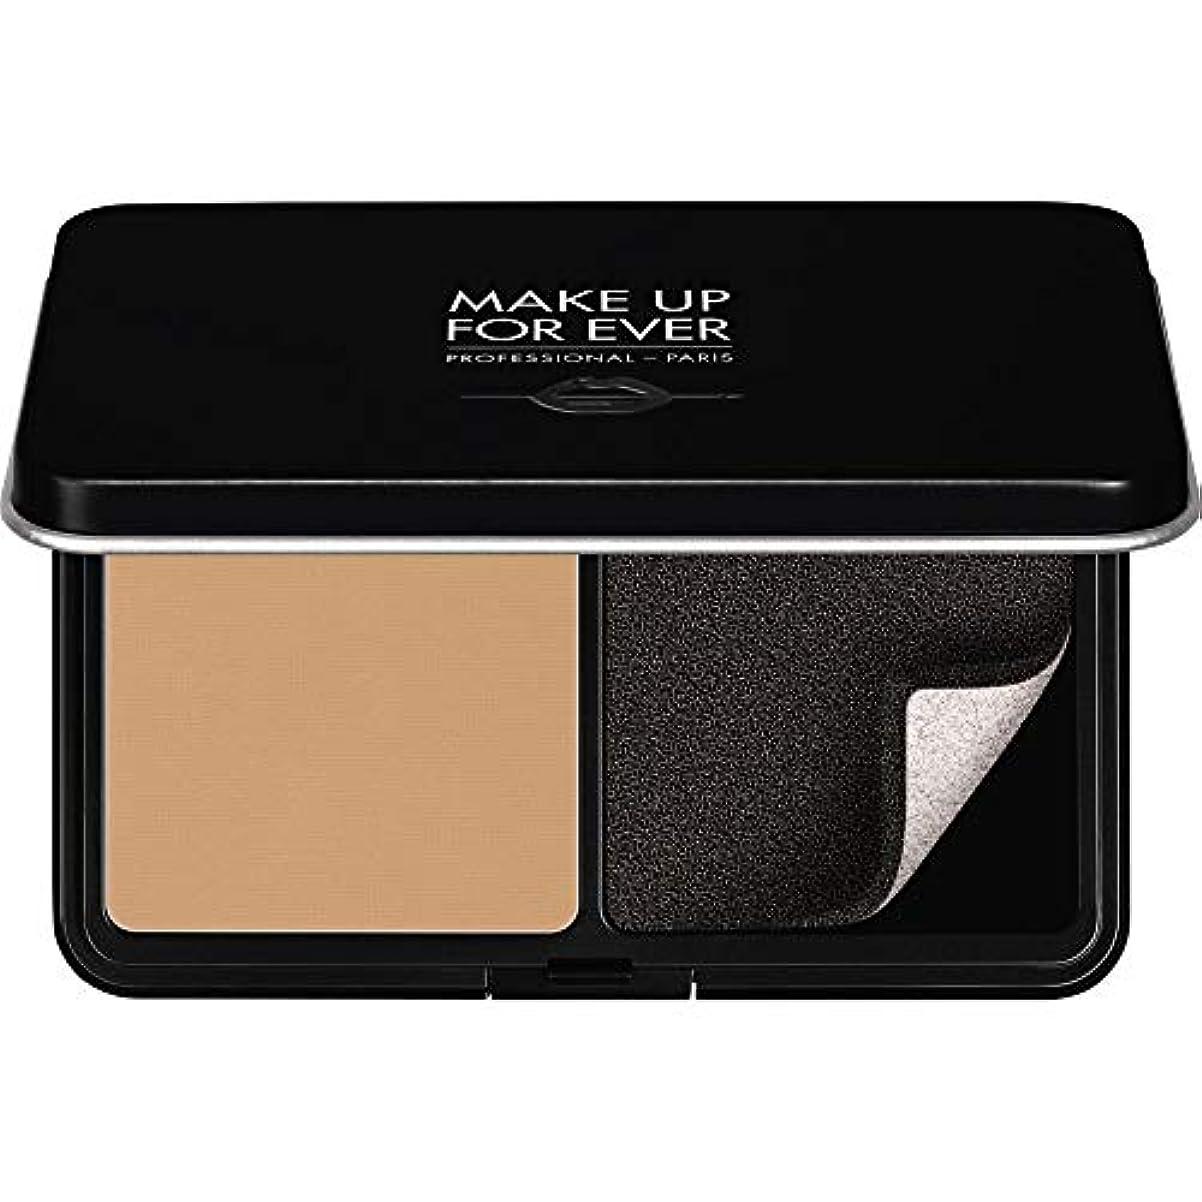 起こるプーノディスク[MAKE UP FOR EVER] パウダーファンデーション11GののY315をぼかし、これまでマットベルベットの肌を補う - 砂 - MAKE UP FOR EVER Matte Velvet Skin Blurring...